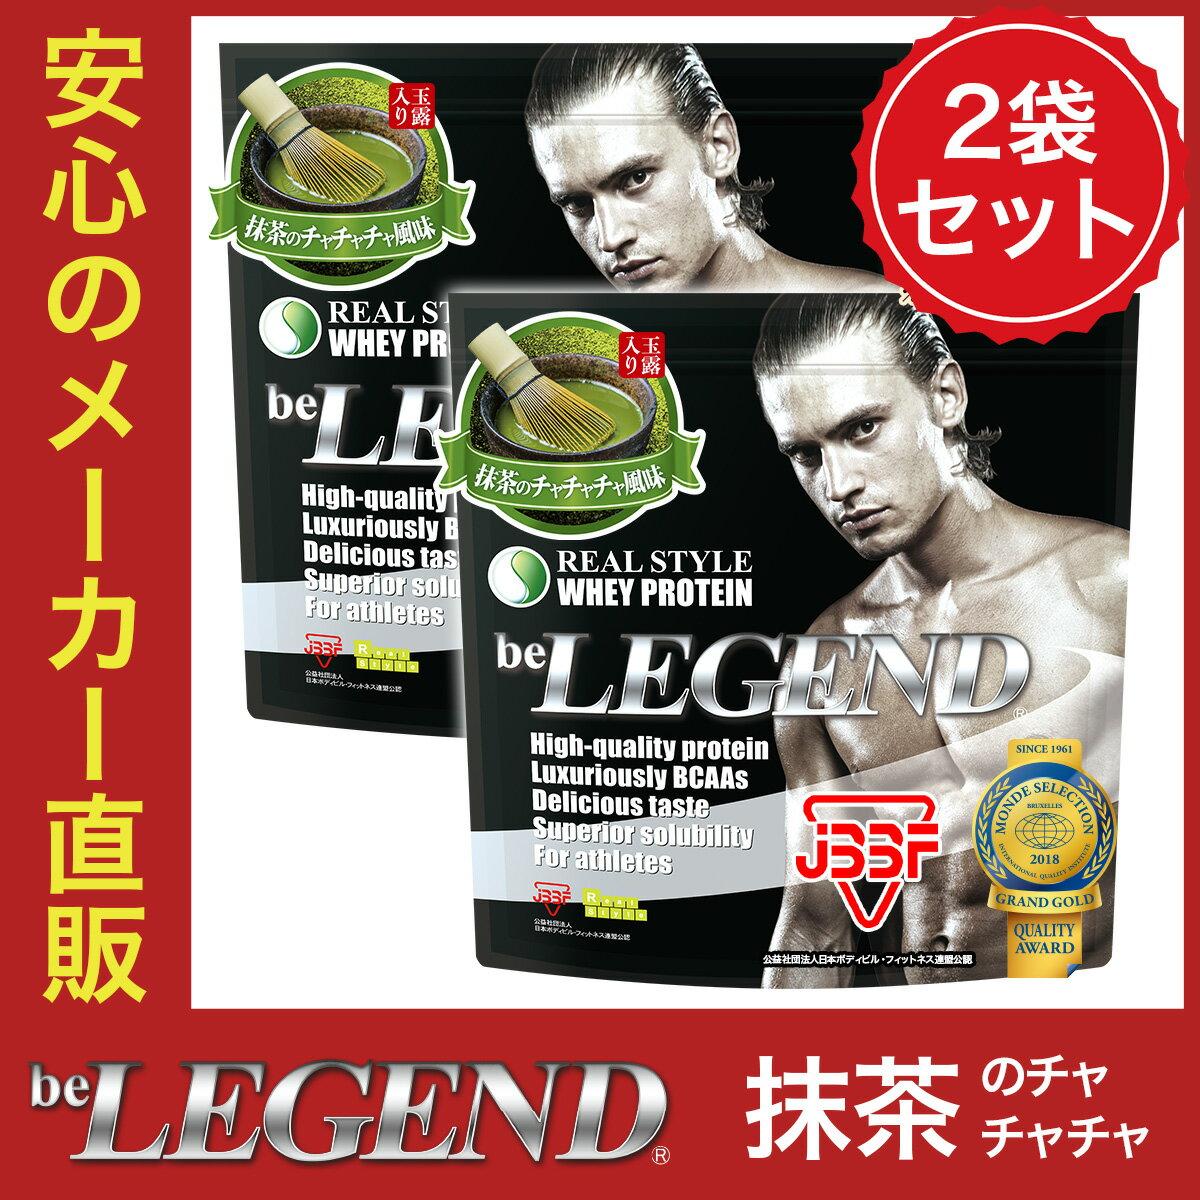 ビーレジェンド プロテイン 抹茶のチャチャチャ風味 1kg×2袋(be LEGEND ホエイプロテイン)【オススメ】